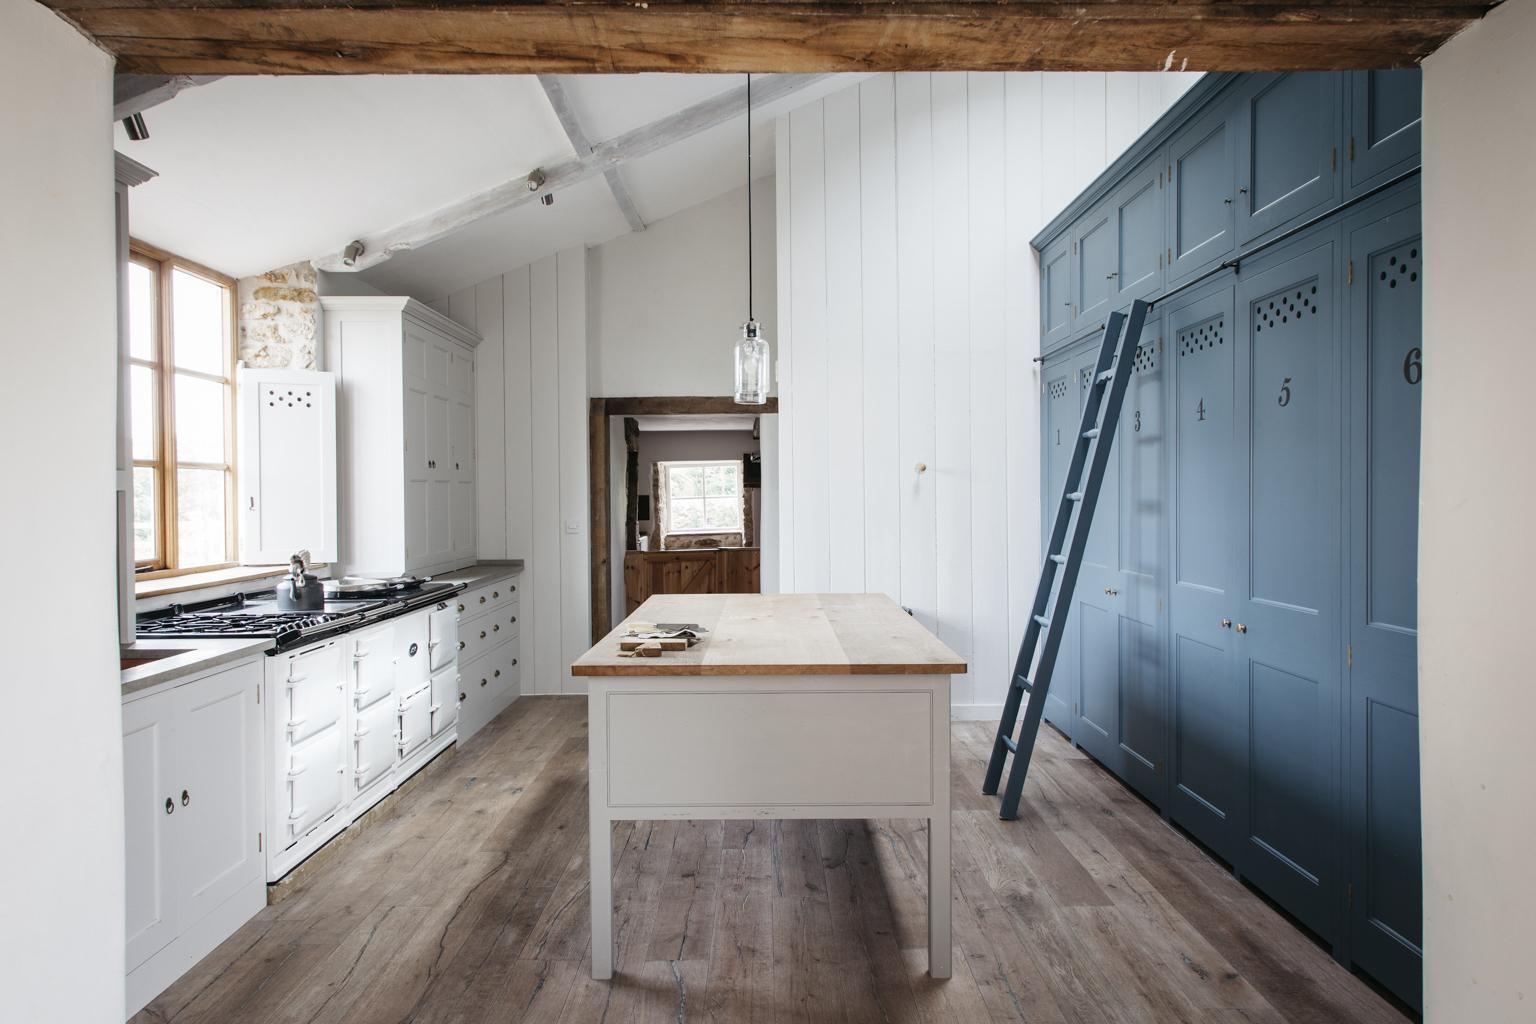 Ideas Keuken Opbergen : Landelijk wonen kleine keuken u2013 informatie over de keuken